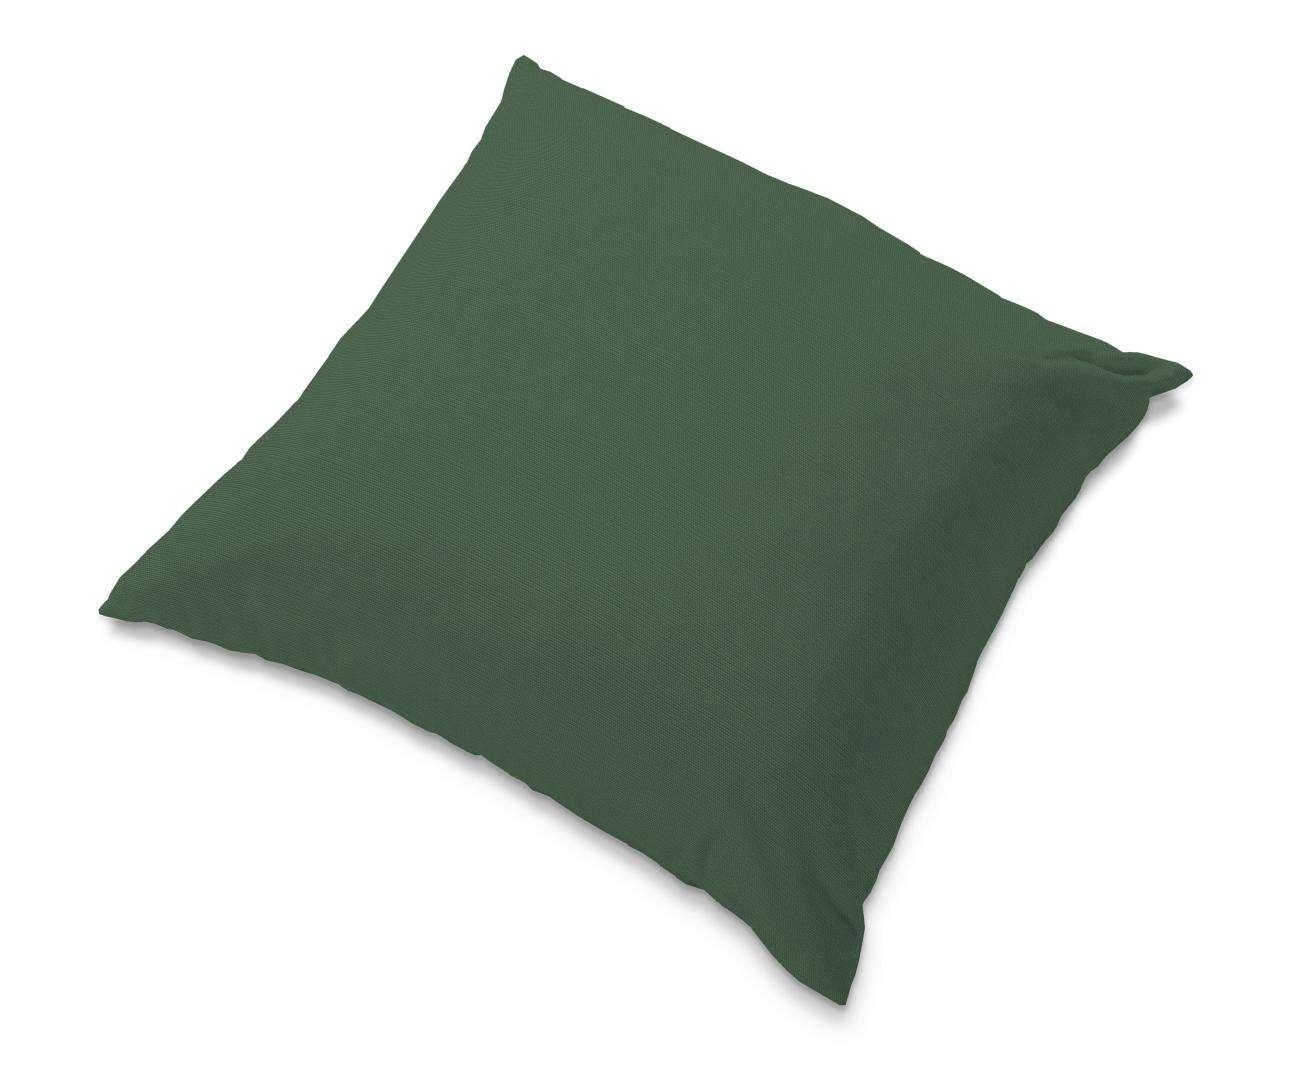 TOMELILLA pagalvėlės užvalkalas 55 x 55 cm kolekcijoje Cotton Panama, audinys: 702-06